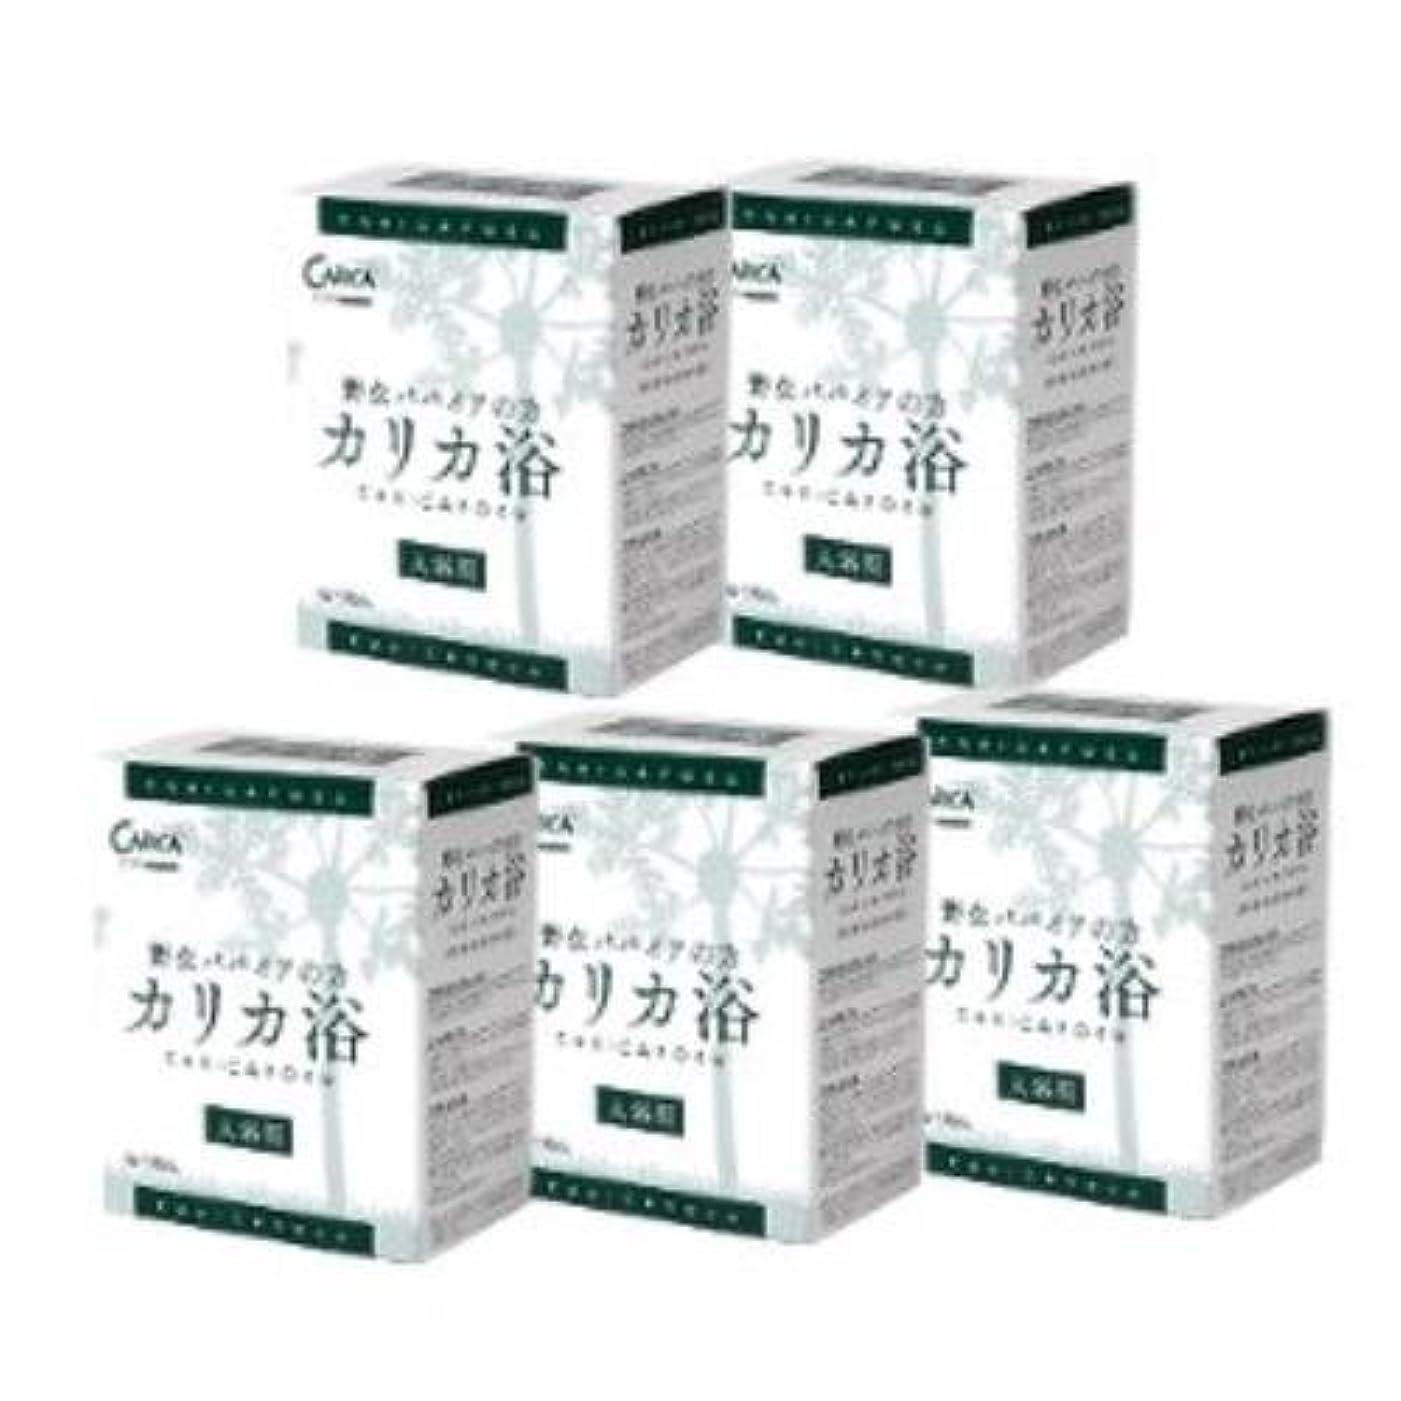 はい知覚できる吸収カリカ浴(4g×10包)(お買い得5個セット)